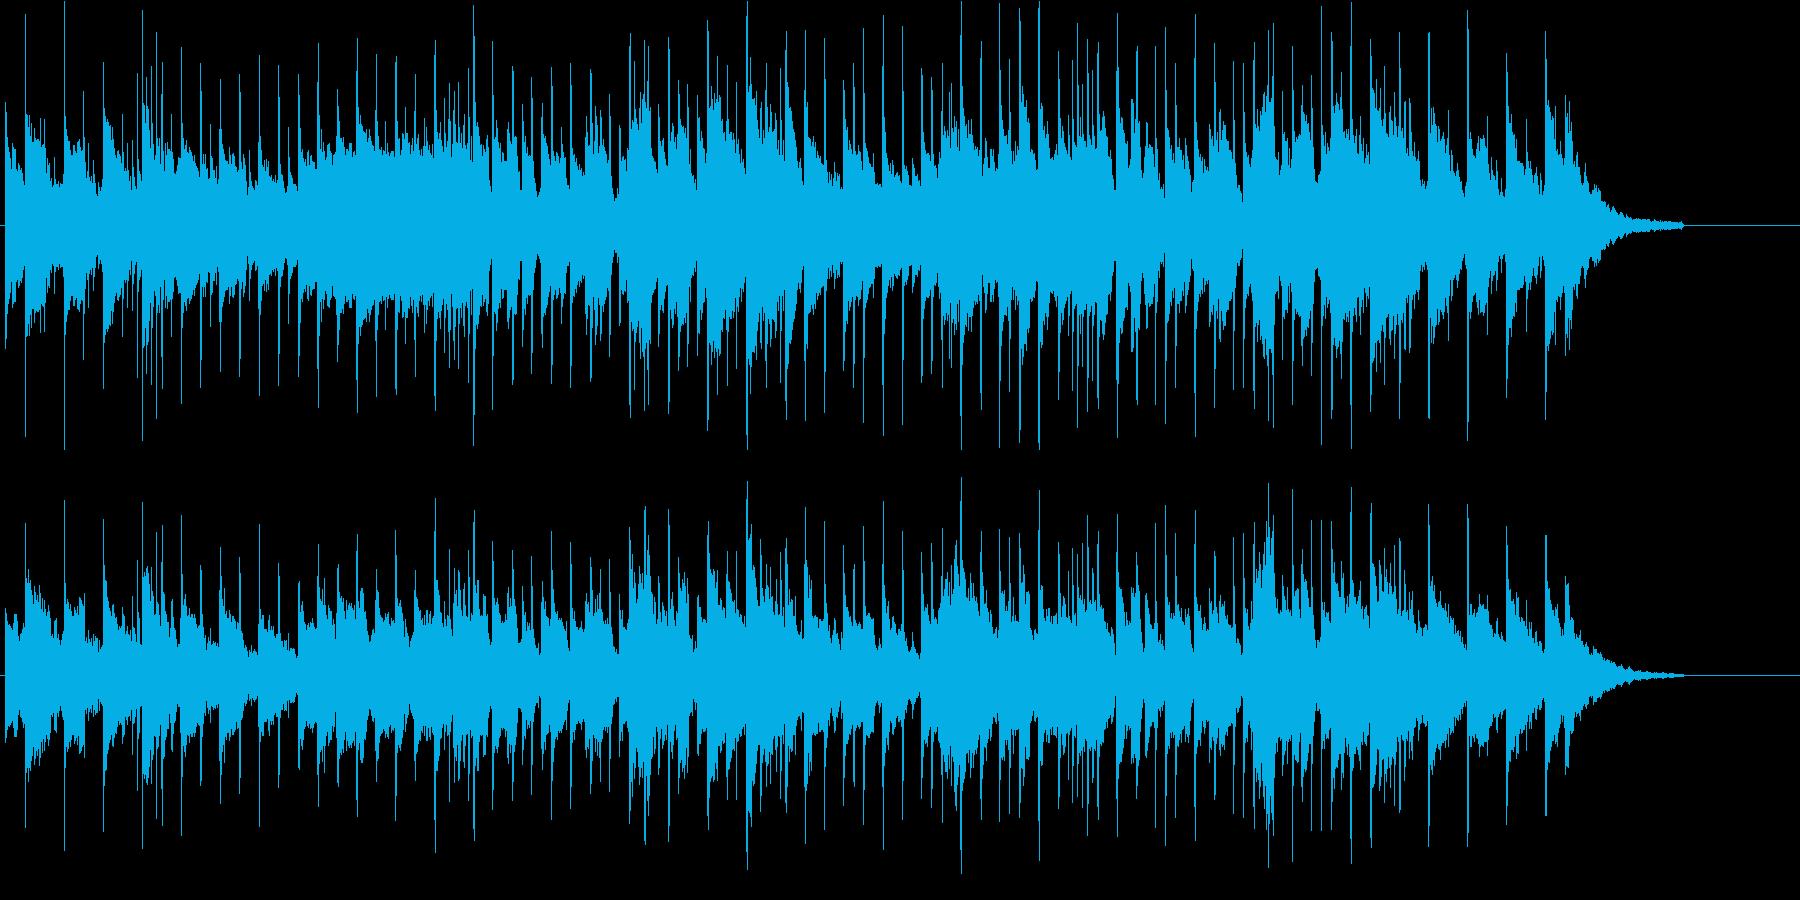 あやしい 神秘 不安 不思議 サスペンスの再生済みの波形